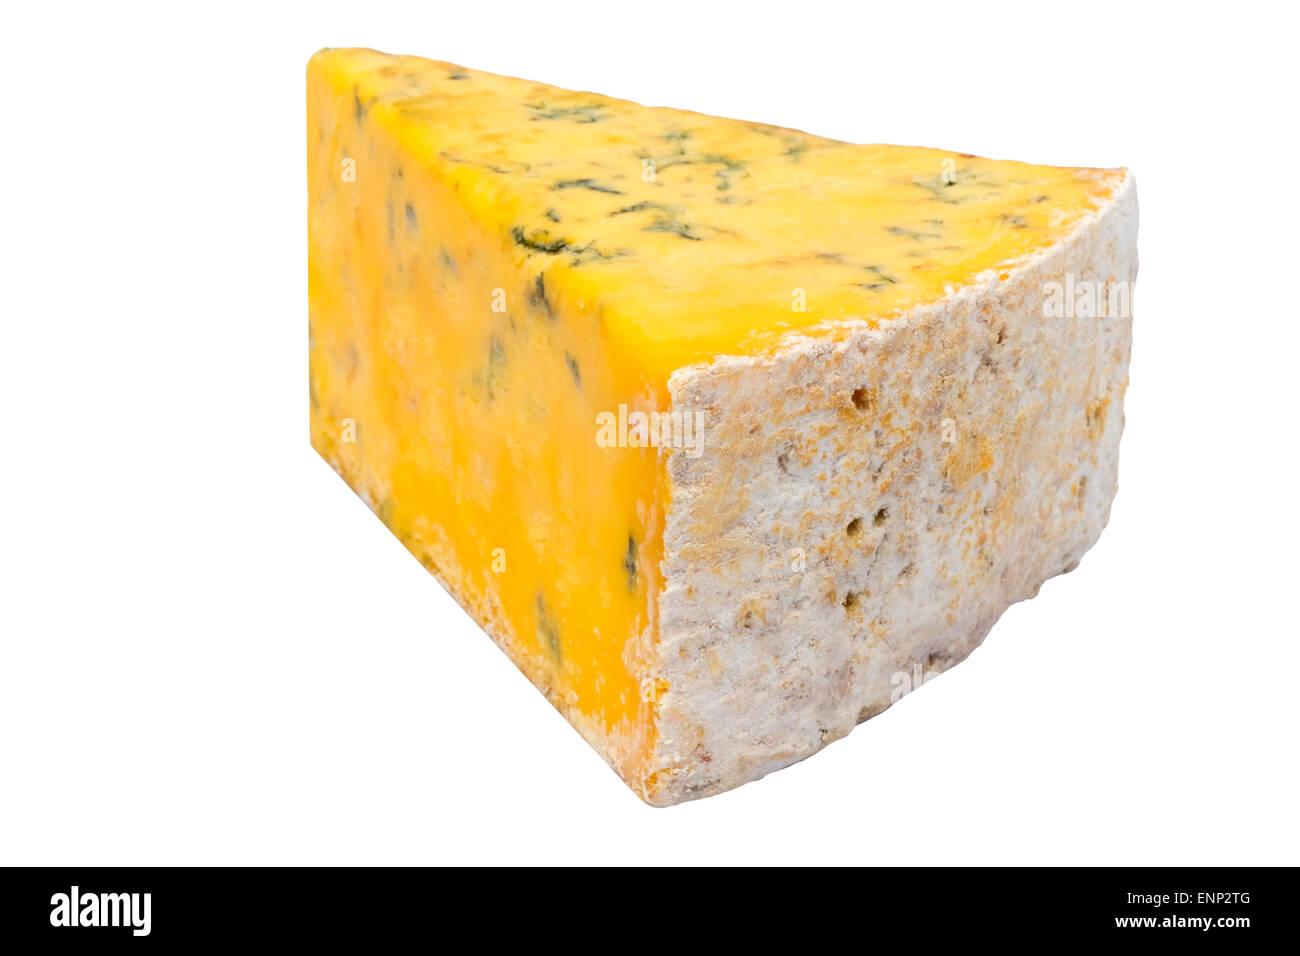 Shropshire blue cheese tagliati o isolata contro uno sfondo bianco, UK. Immagini Stock